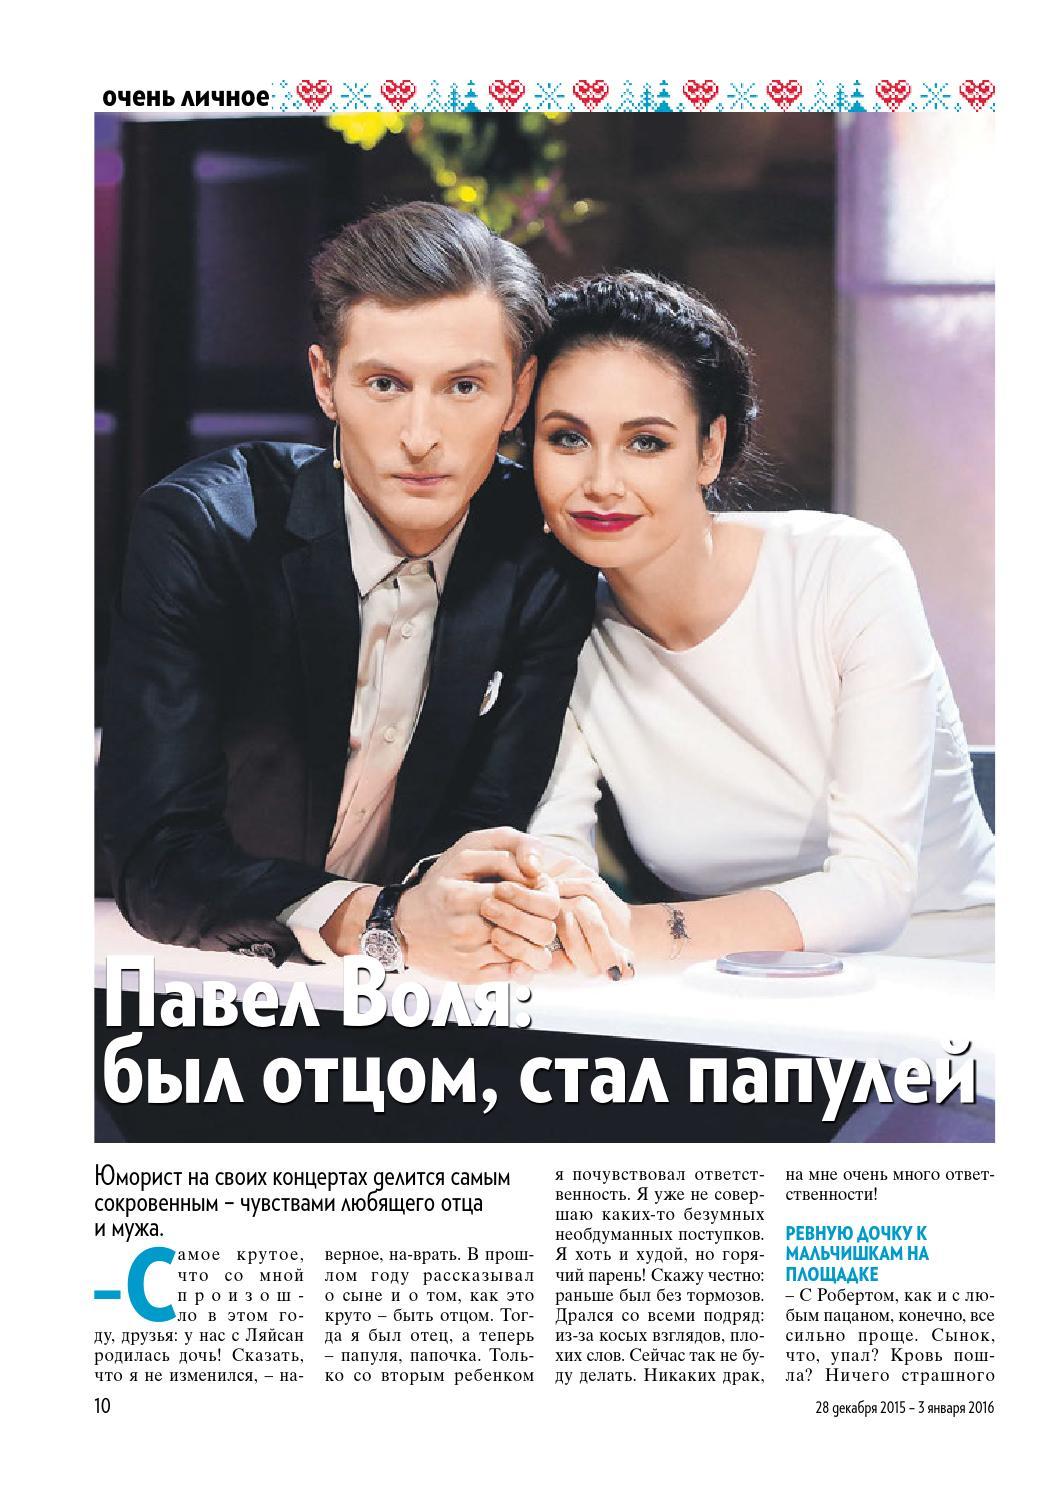 Ляйсан Утяшева биография, фото, рост и вес, ее муж и сын, мама